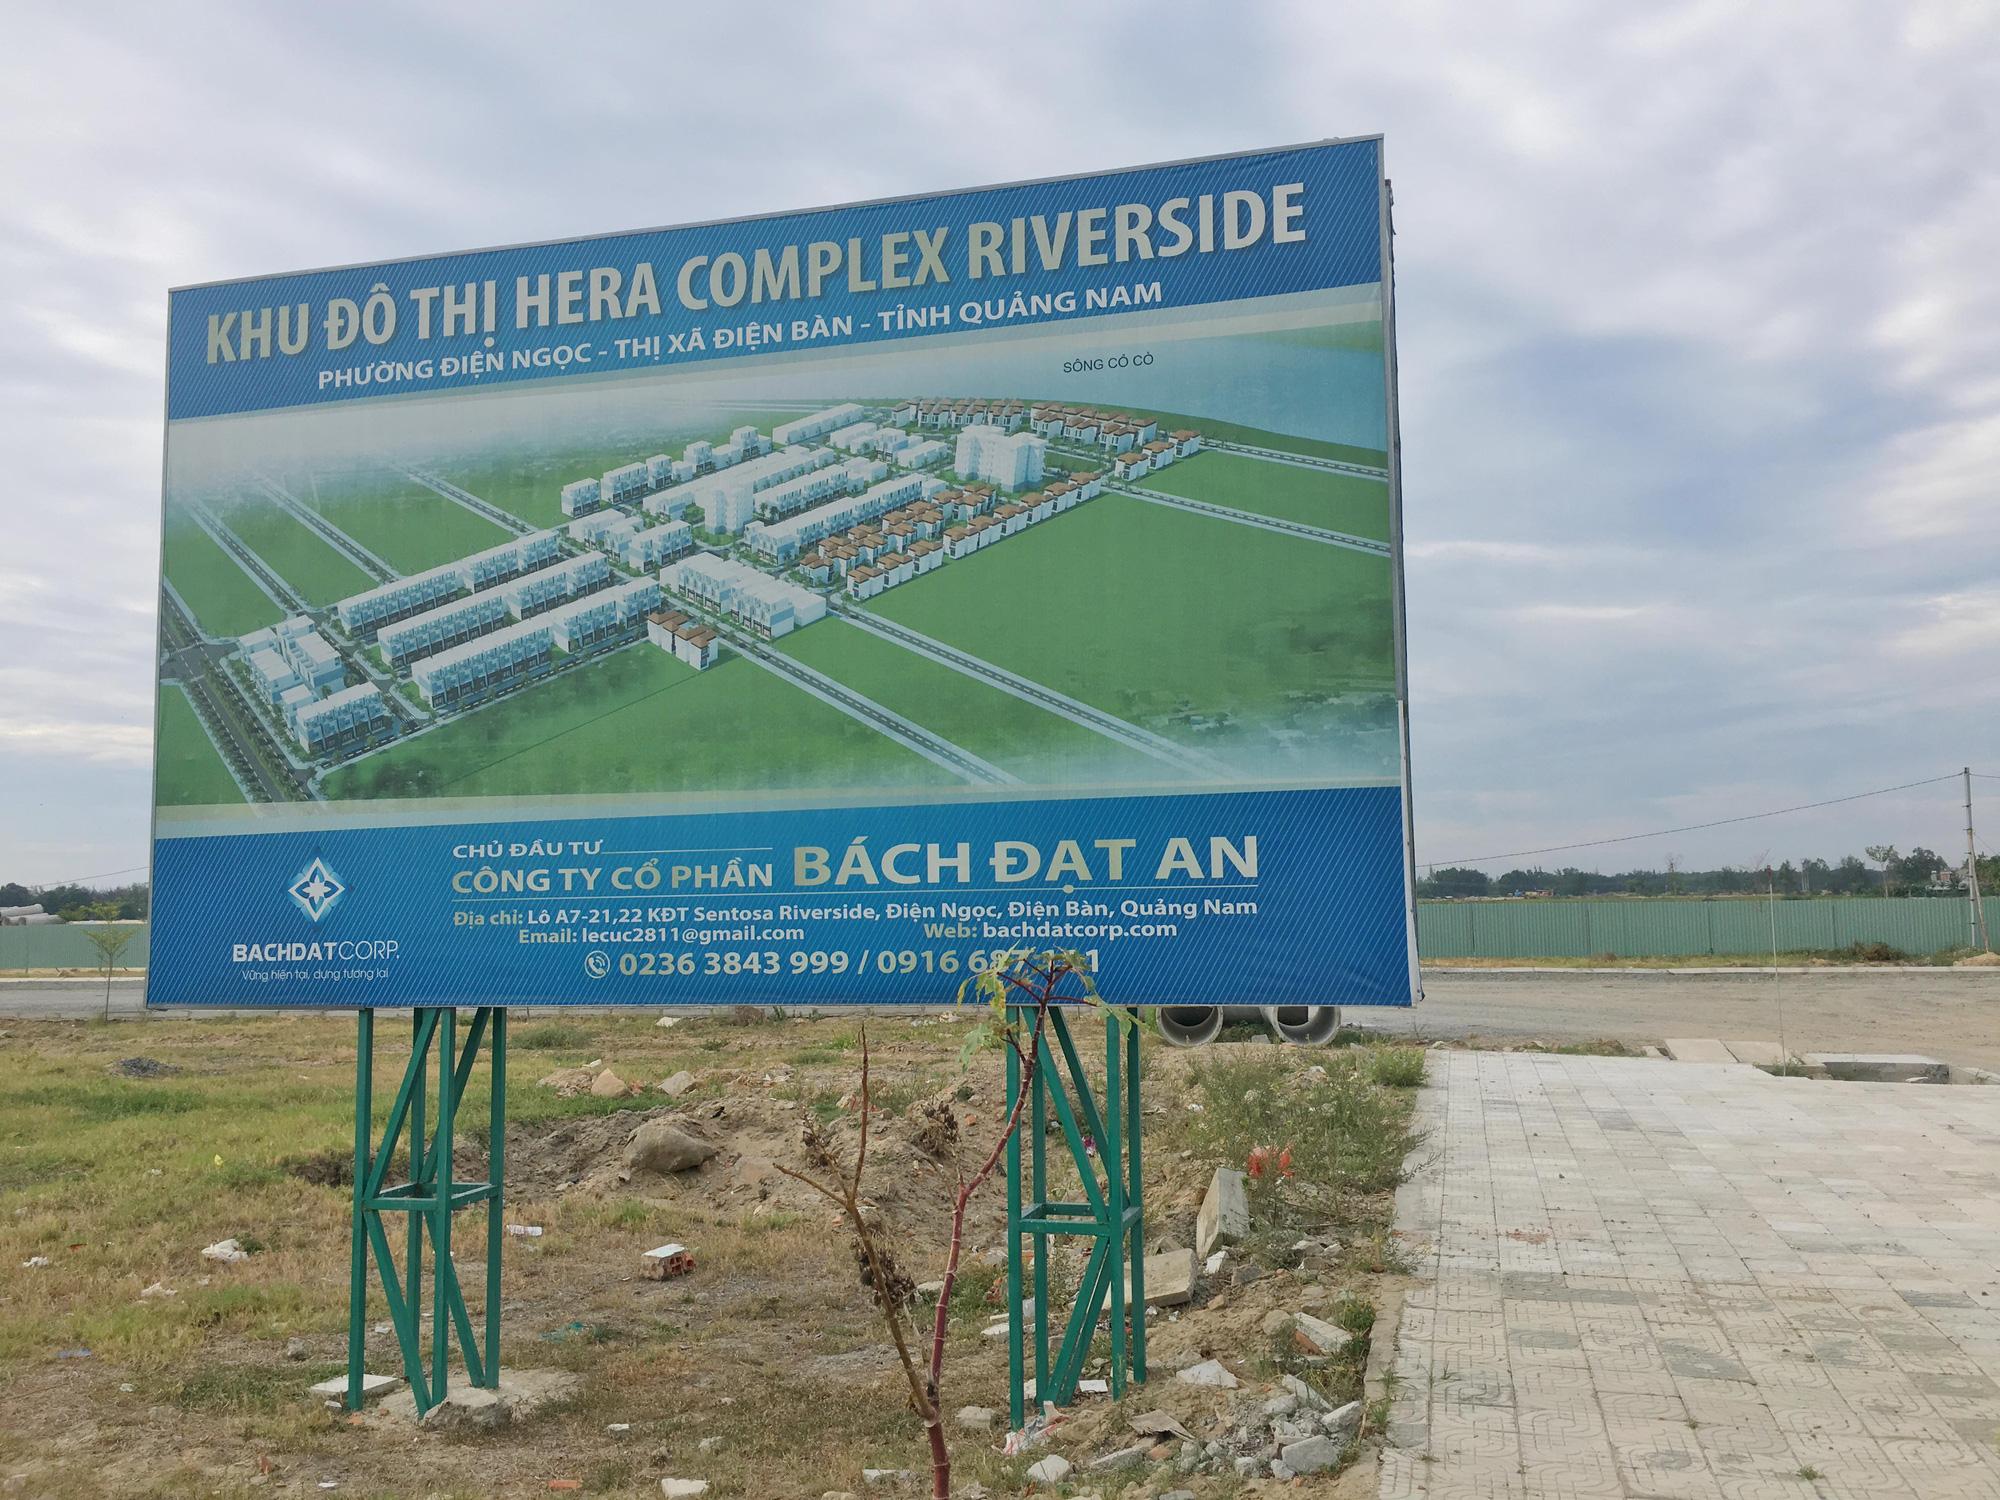 Hàng chục dự án ở Quảng Nam thi công trước khi lập phương án bồi thường - Ảnh 1.